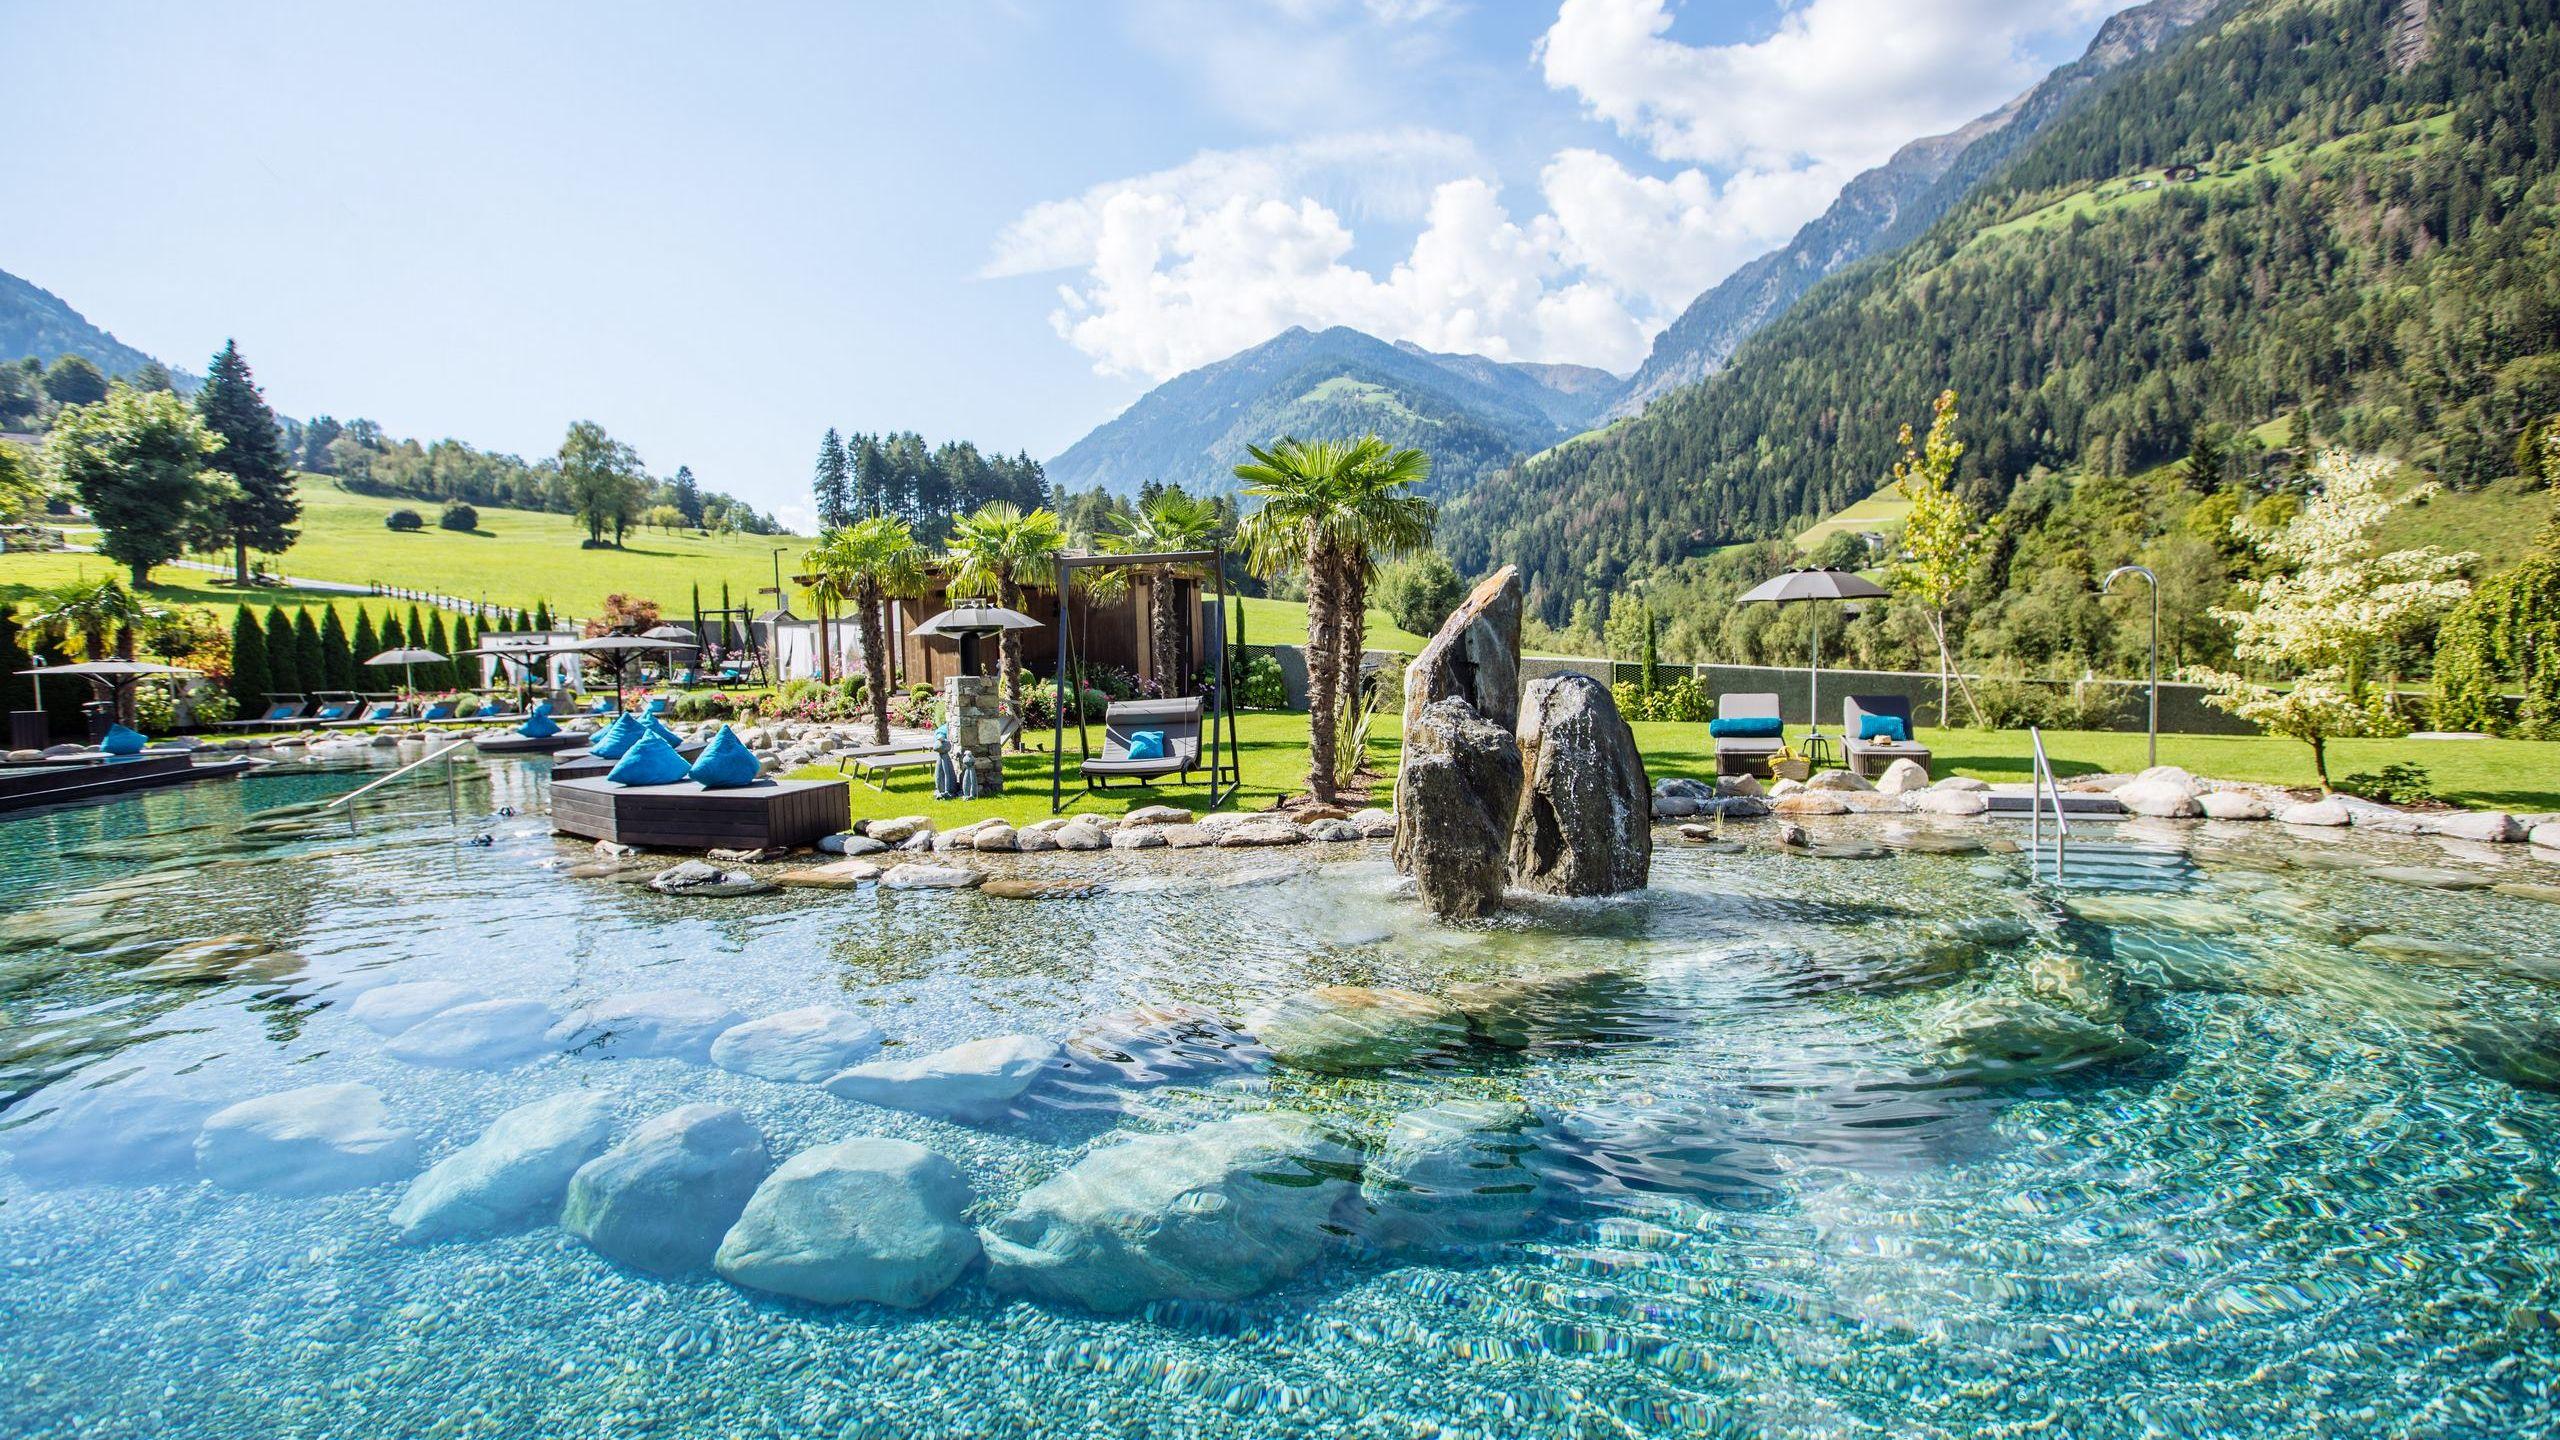 Unsere Wellnesshotels S Dtirol Die Andreus Resorts Spa